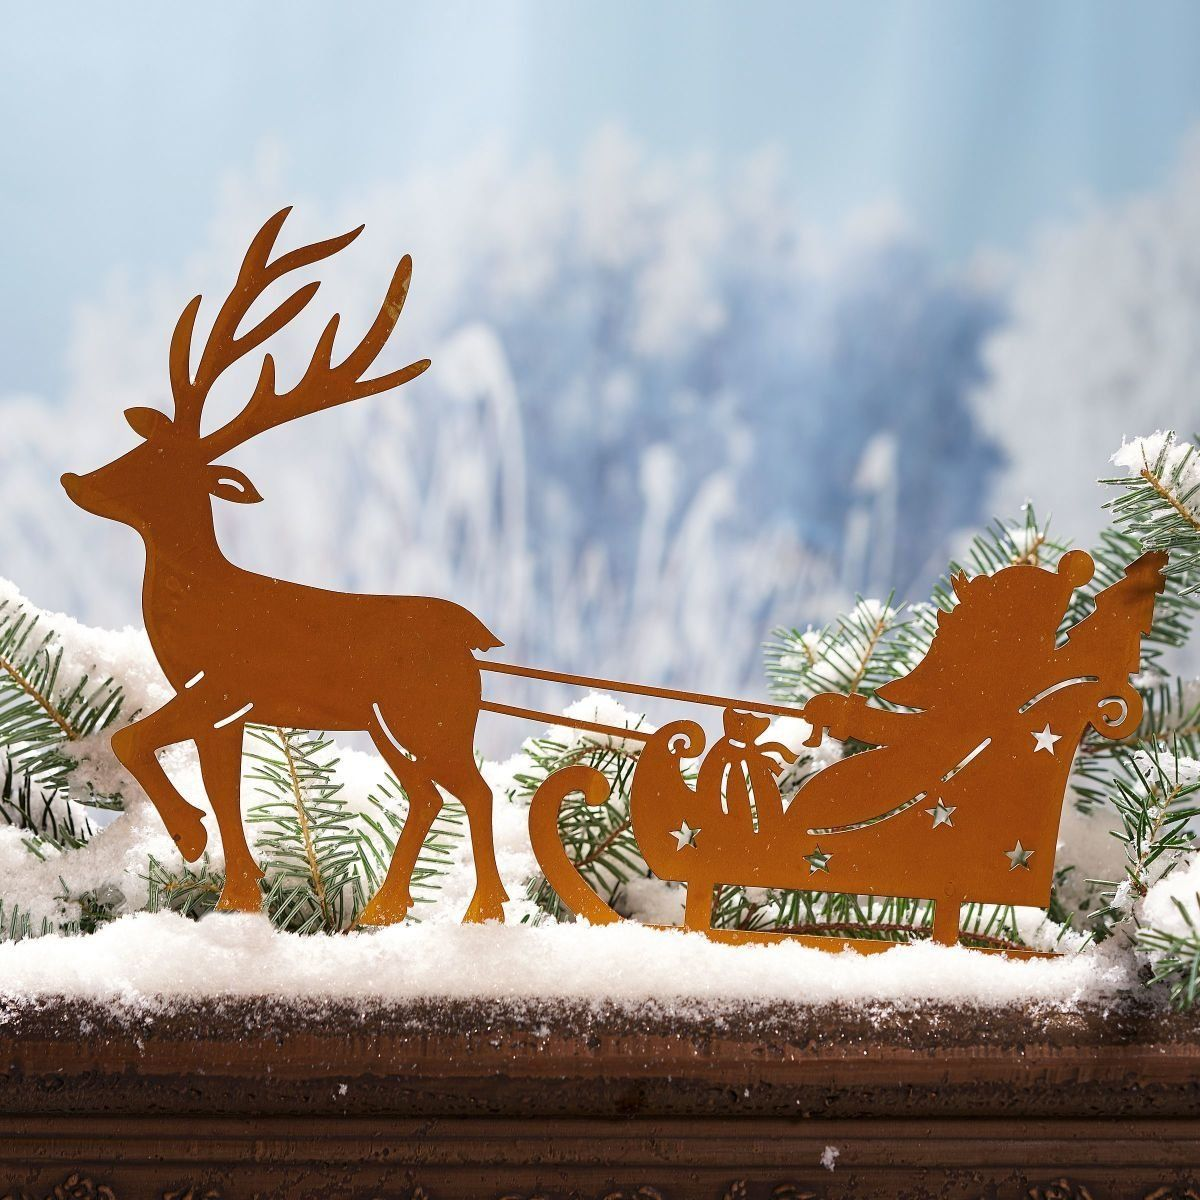 Gartenstecker Weihnachten.Weihnachtsdeko Gartenstecker Weihnachtsmann Mit Schlitten